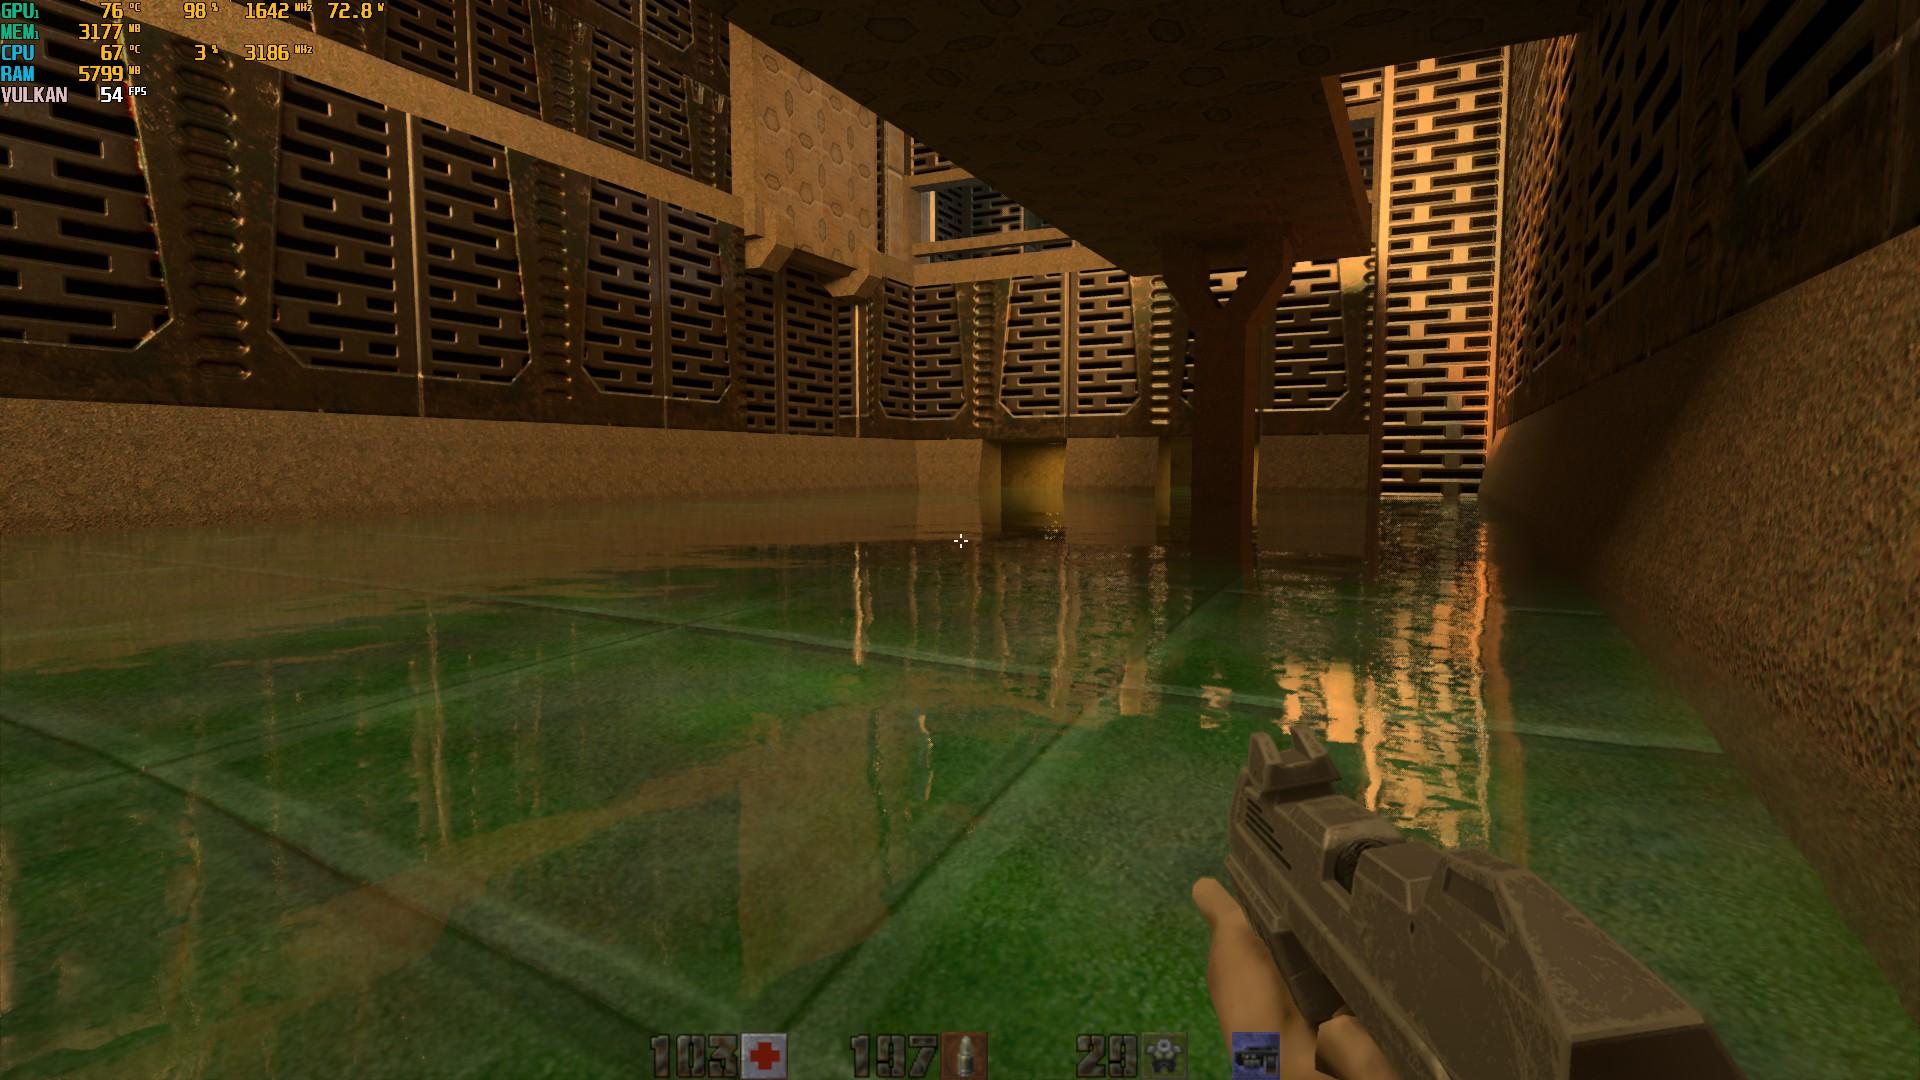 Quake 2 w wydaniu z ray-tracingiem wygląda niemalże zupełnie jak nowa gra